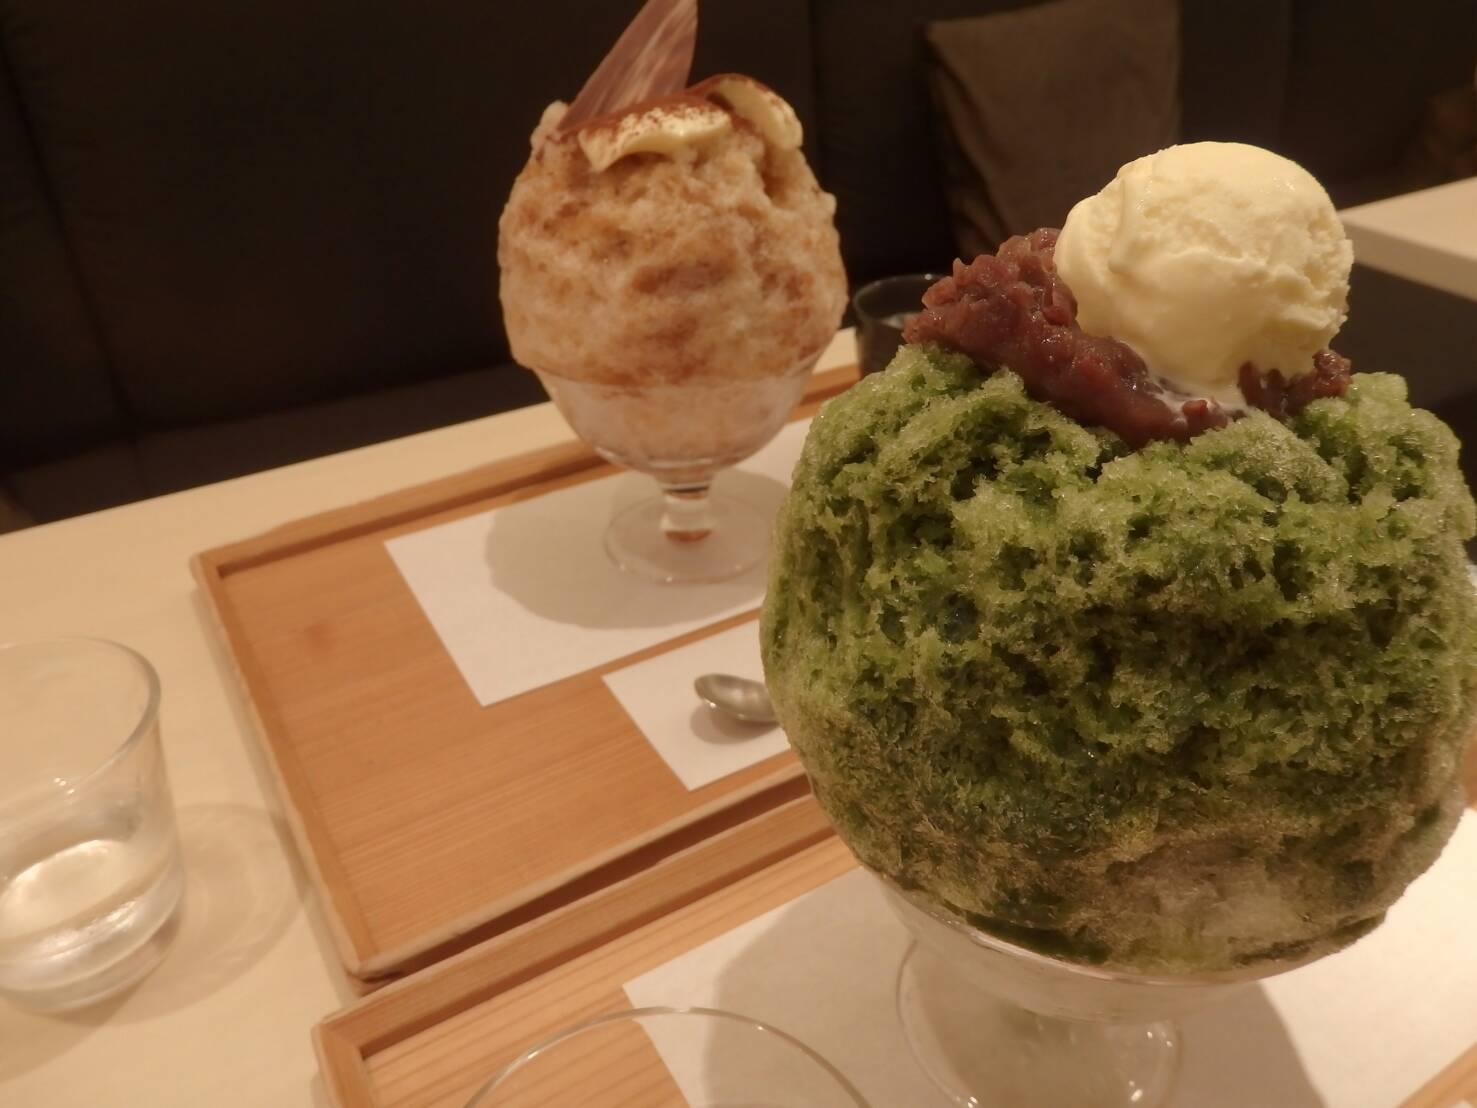 暑い夏にぴったり!名古屋・栄・大須のおすすめかき氷店7選 - S 6426785394334